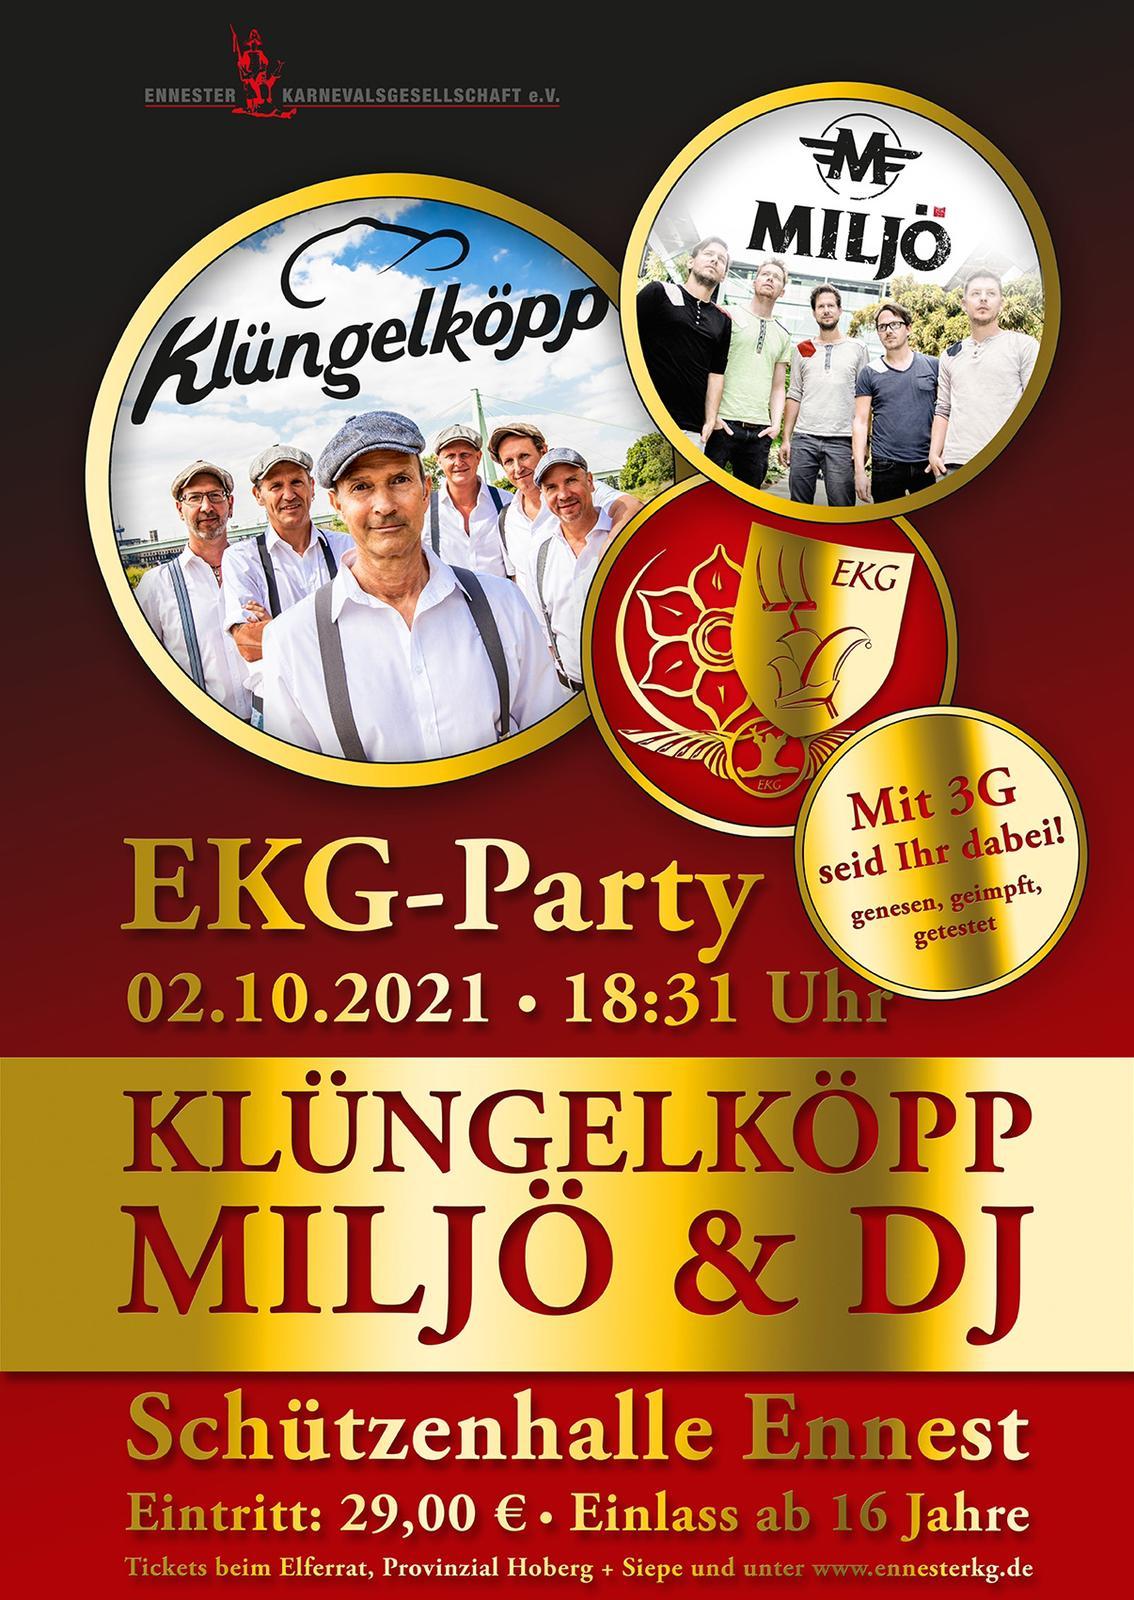 EKG-Party 2021